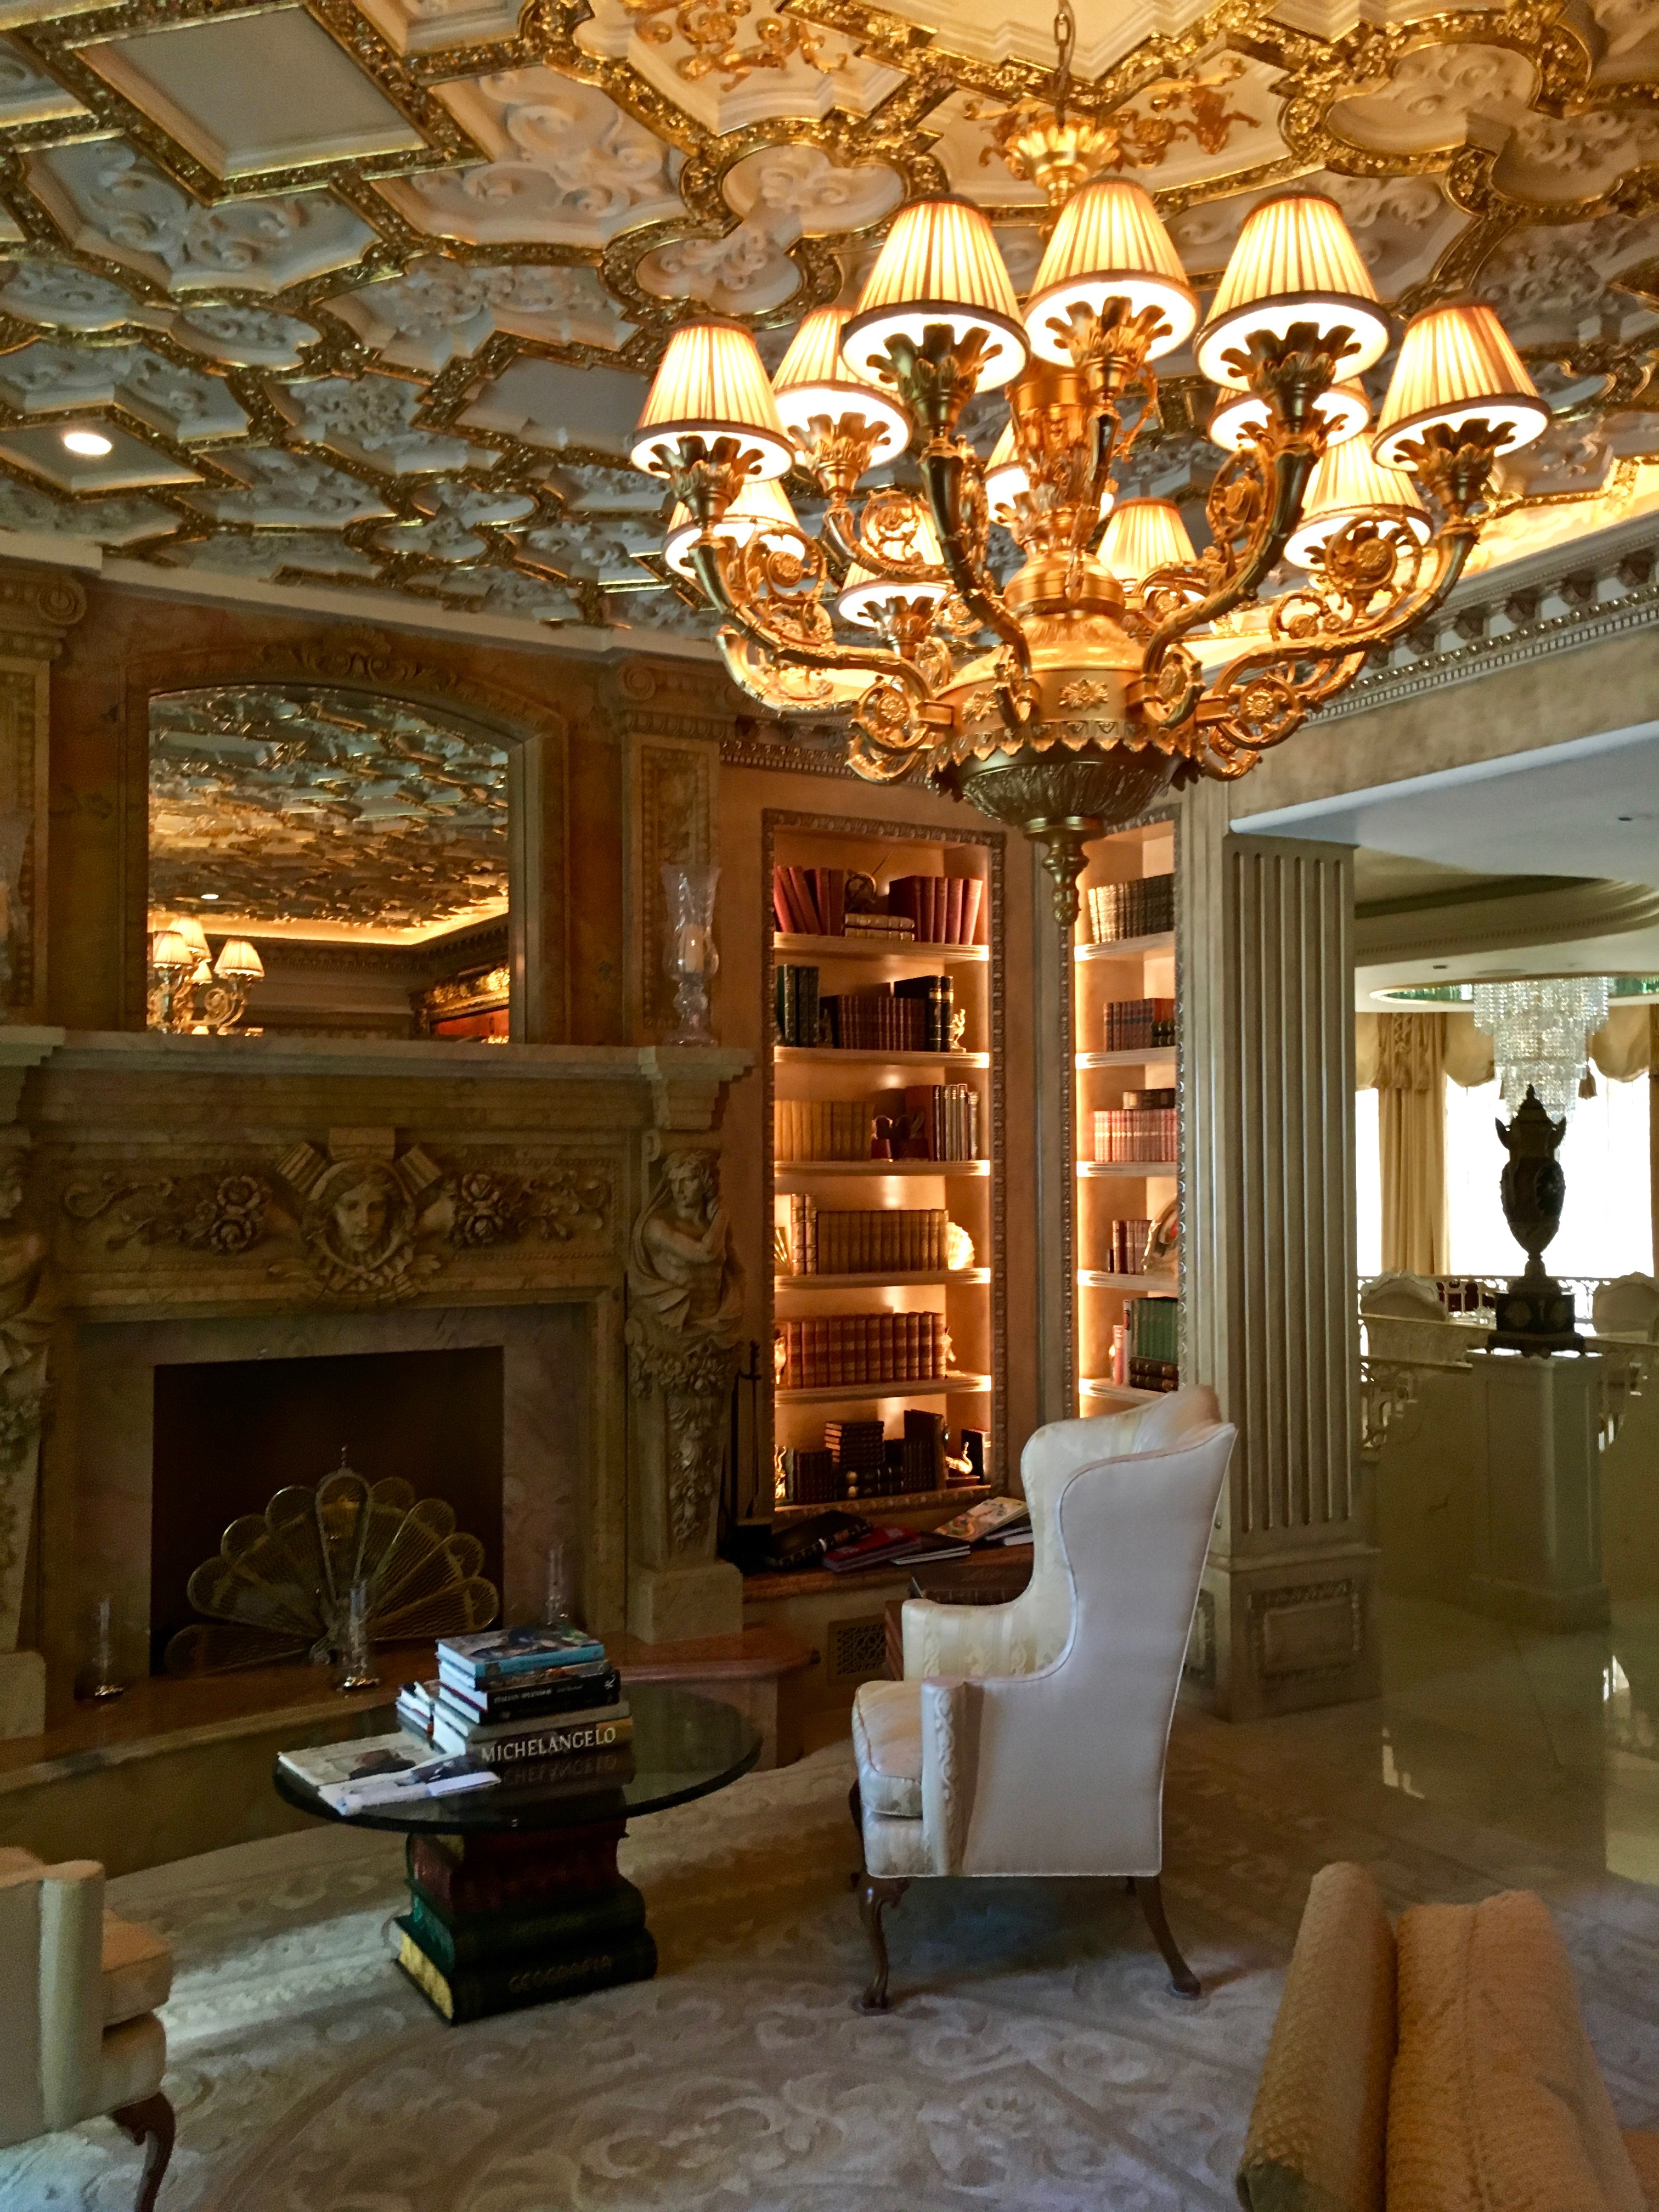 Living Room Study: Indoor-lighting-study-living-room-chandelier-bookcase